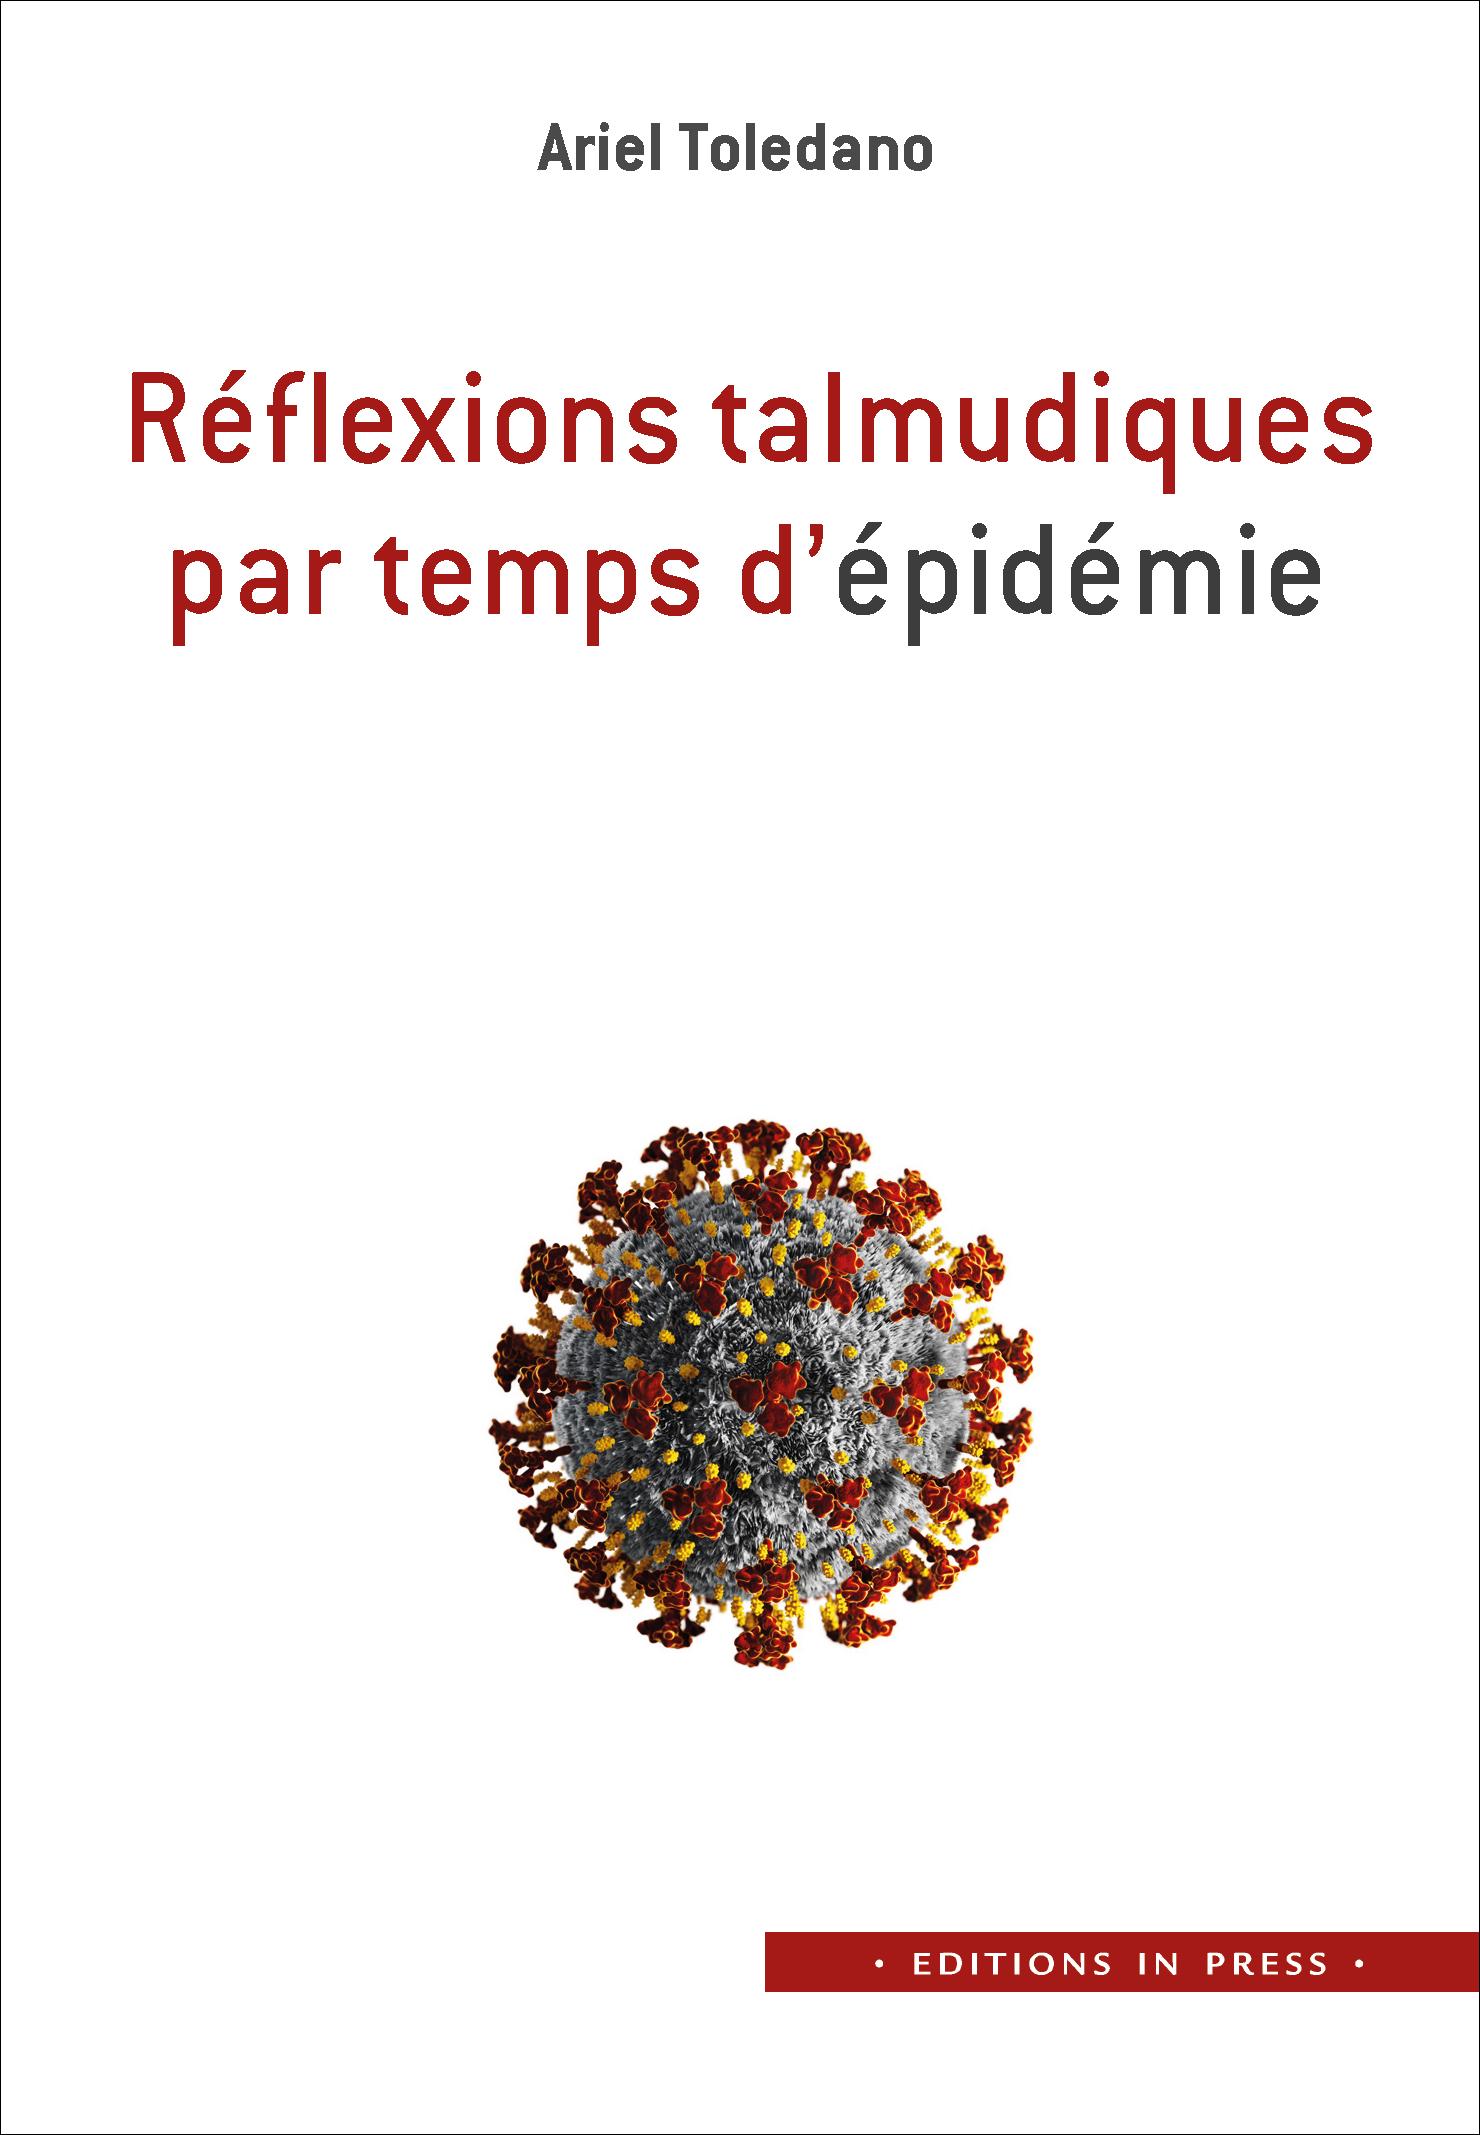 Réflexions talmudiques par temps d\'épidémie - Ariel Tolédano